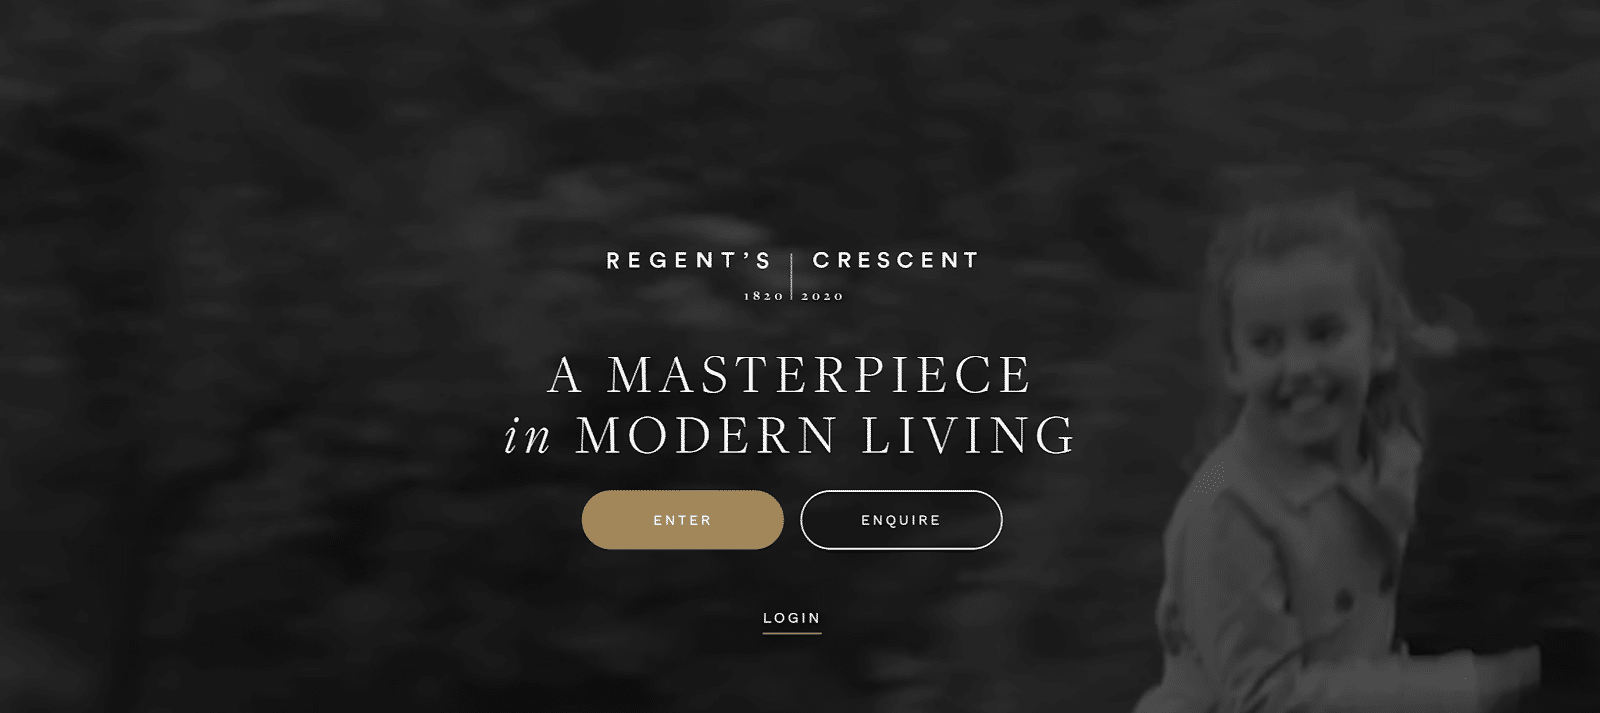 best real estate landing pages - regents crescent